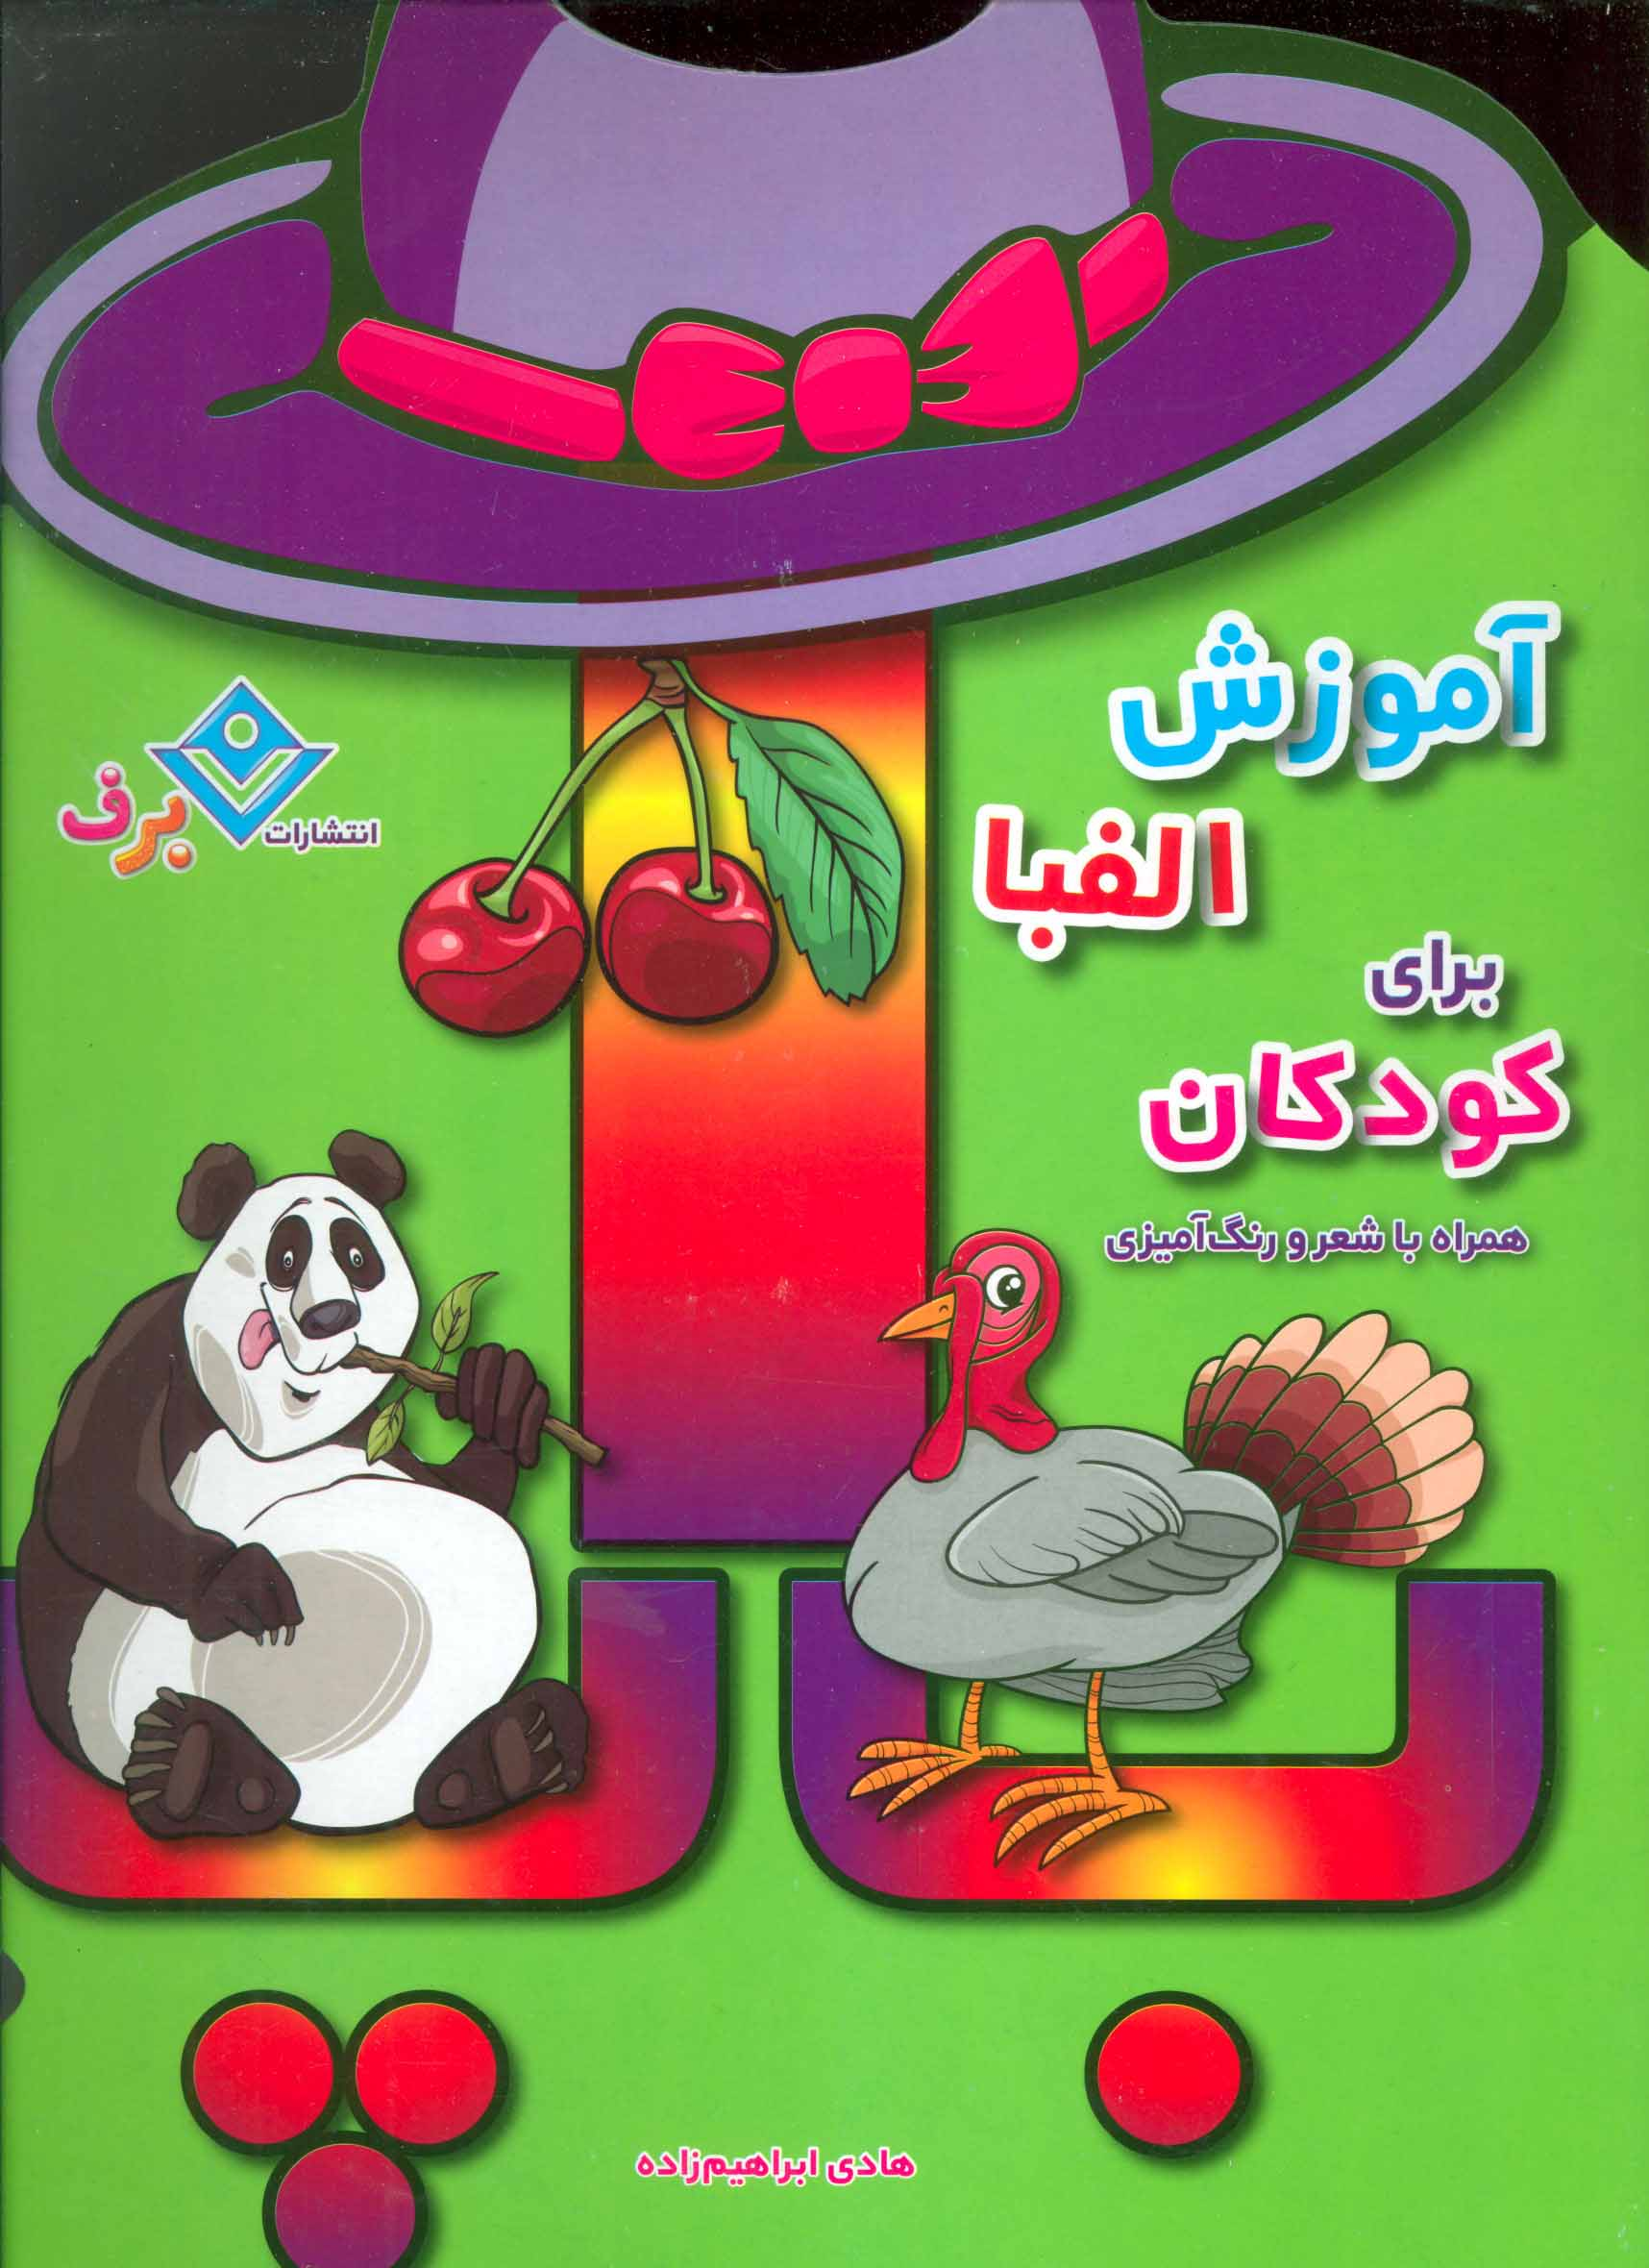 آموزش الفبا برای کودکان (همراه با شعر و رنگ آمیزی)